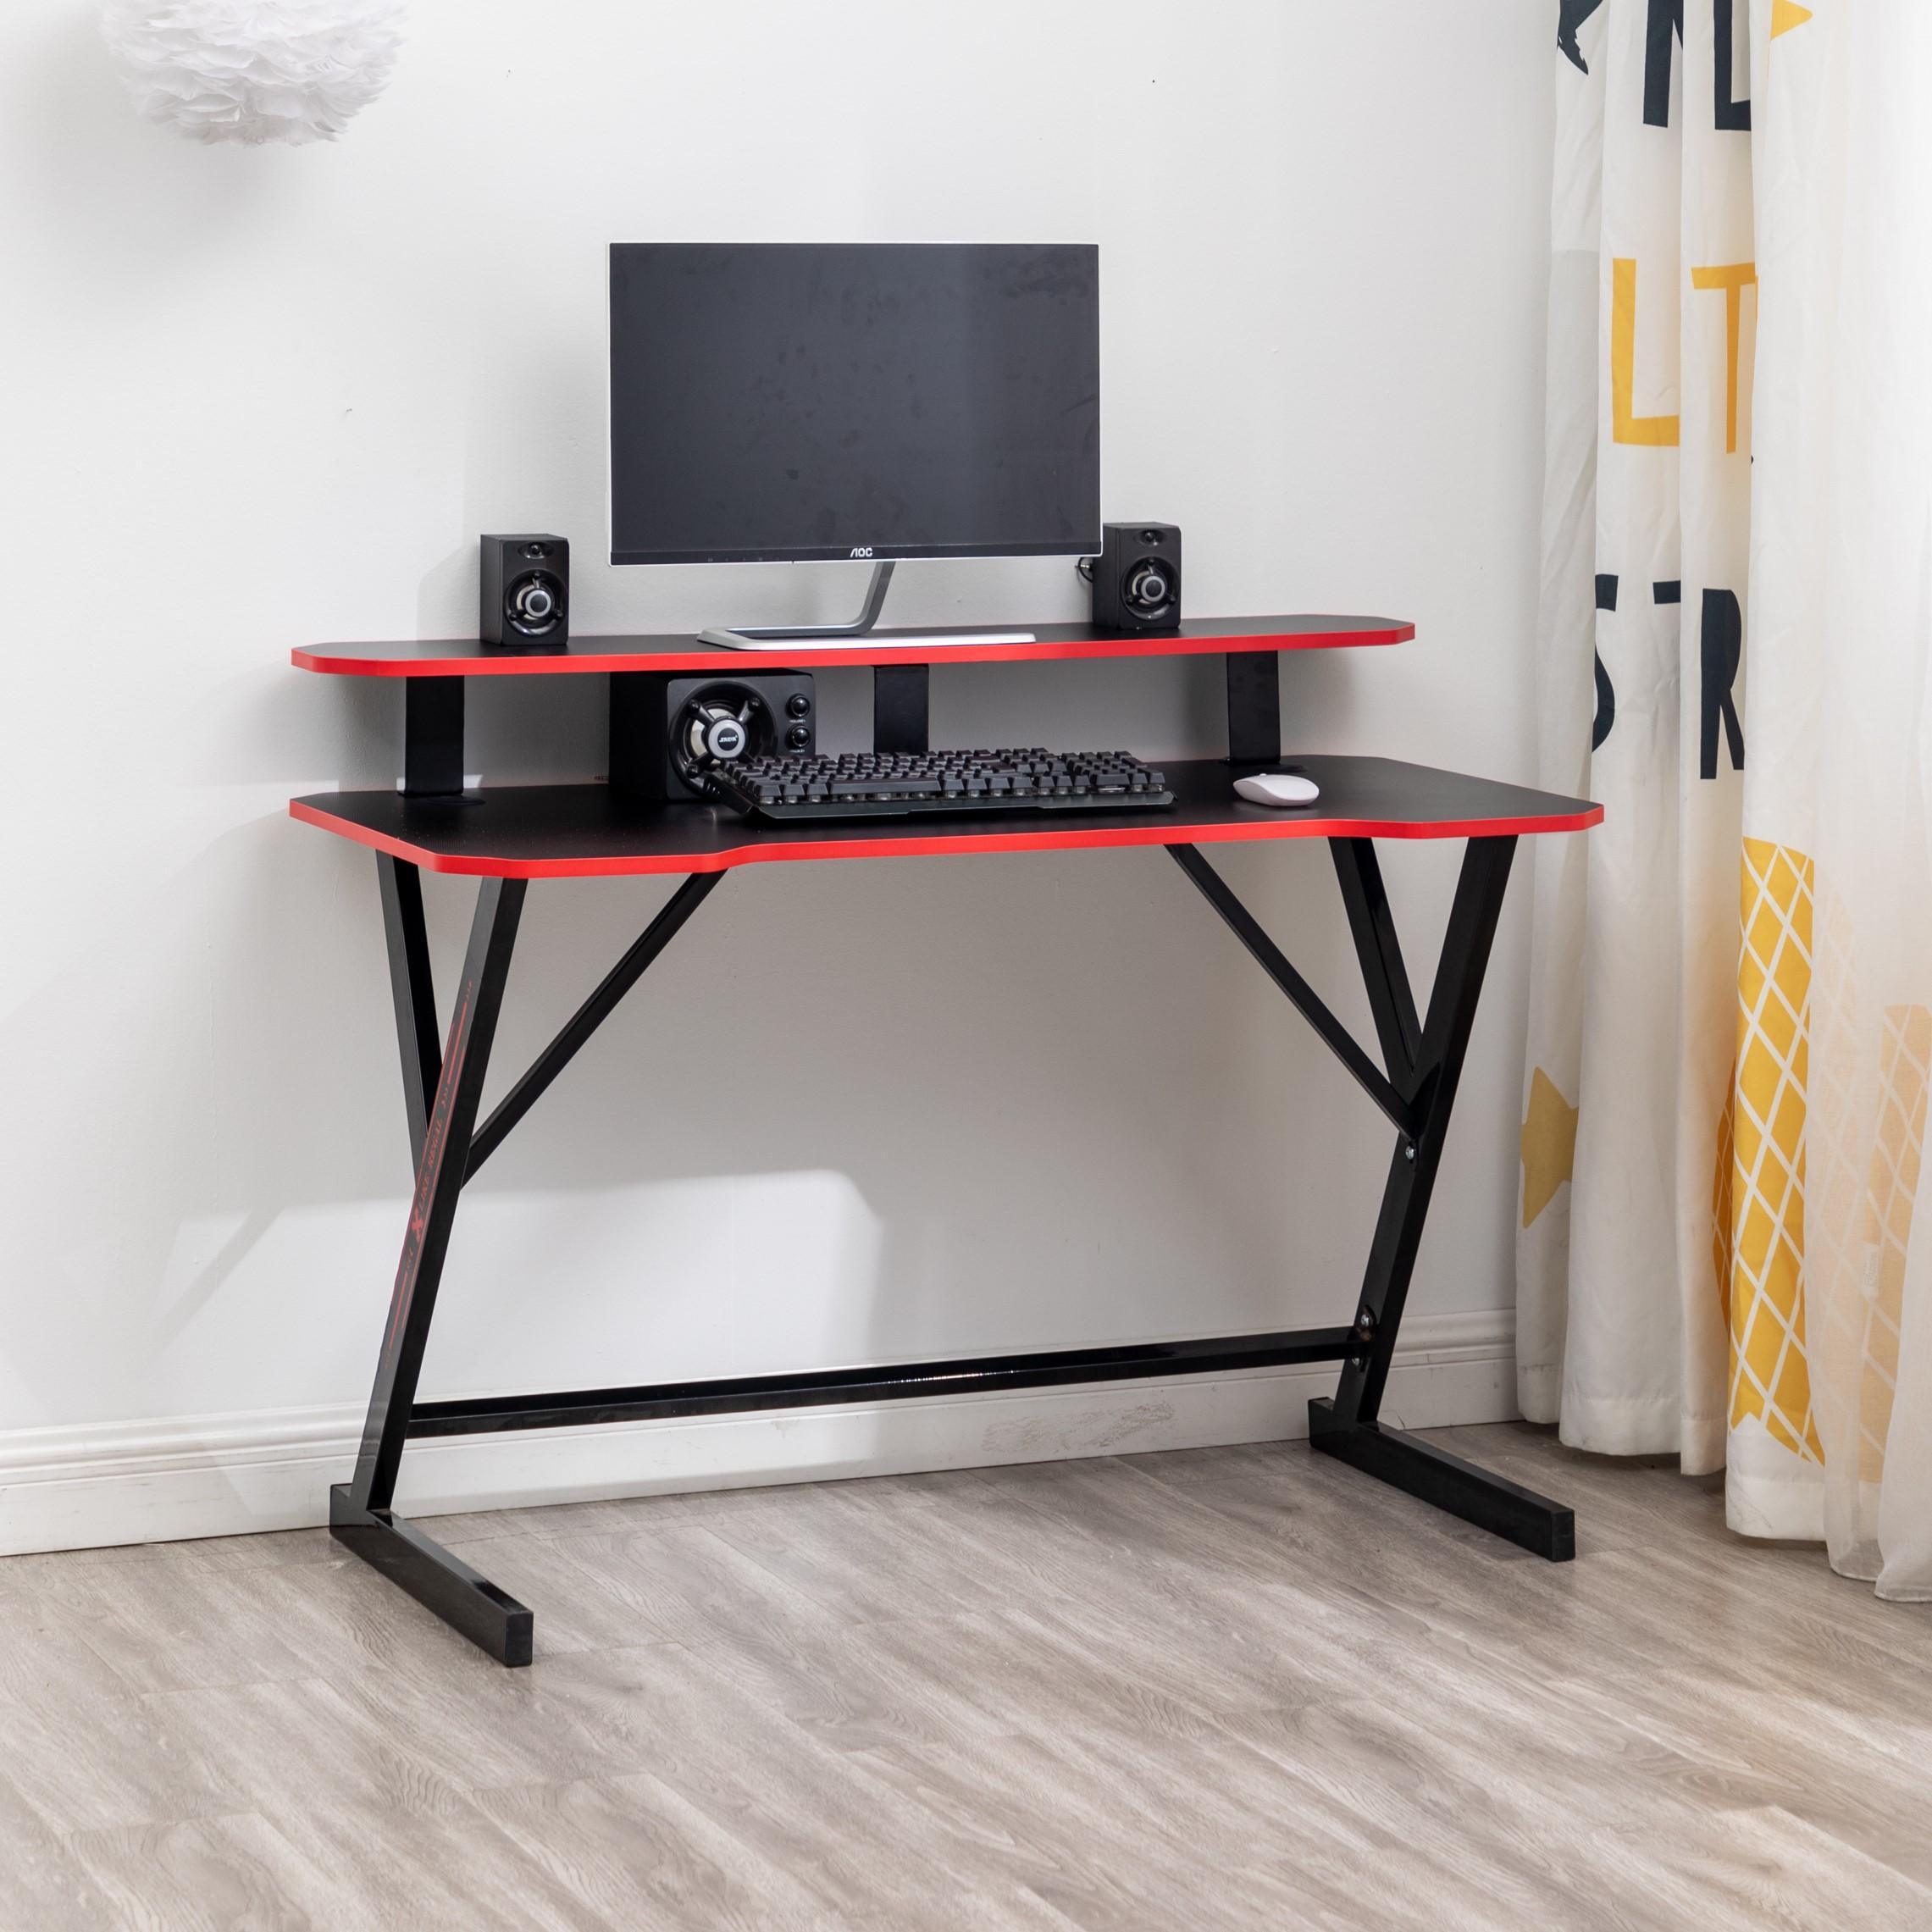 Настольный компьютерный стол деревянный черный Вишневый белый Вечеринка Oem деревянный стиль гостиная школа